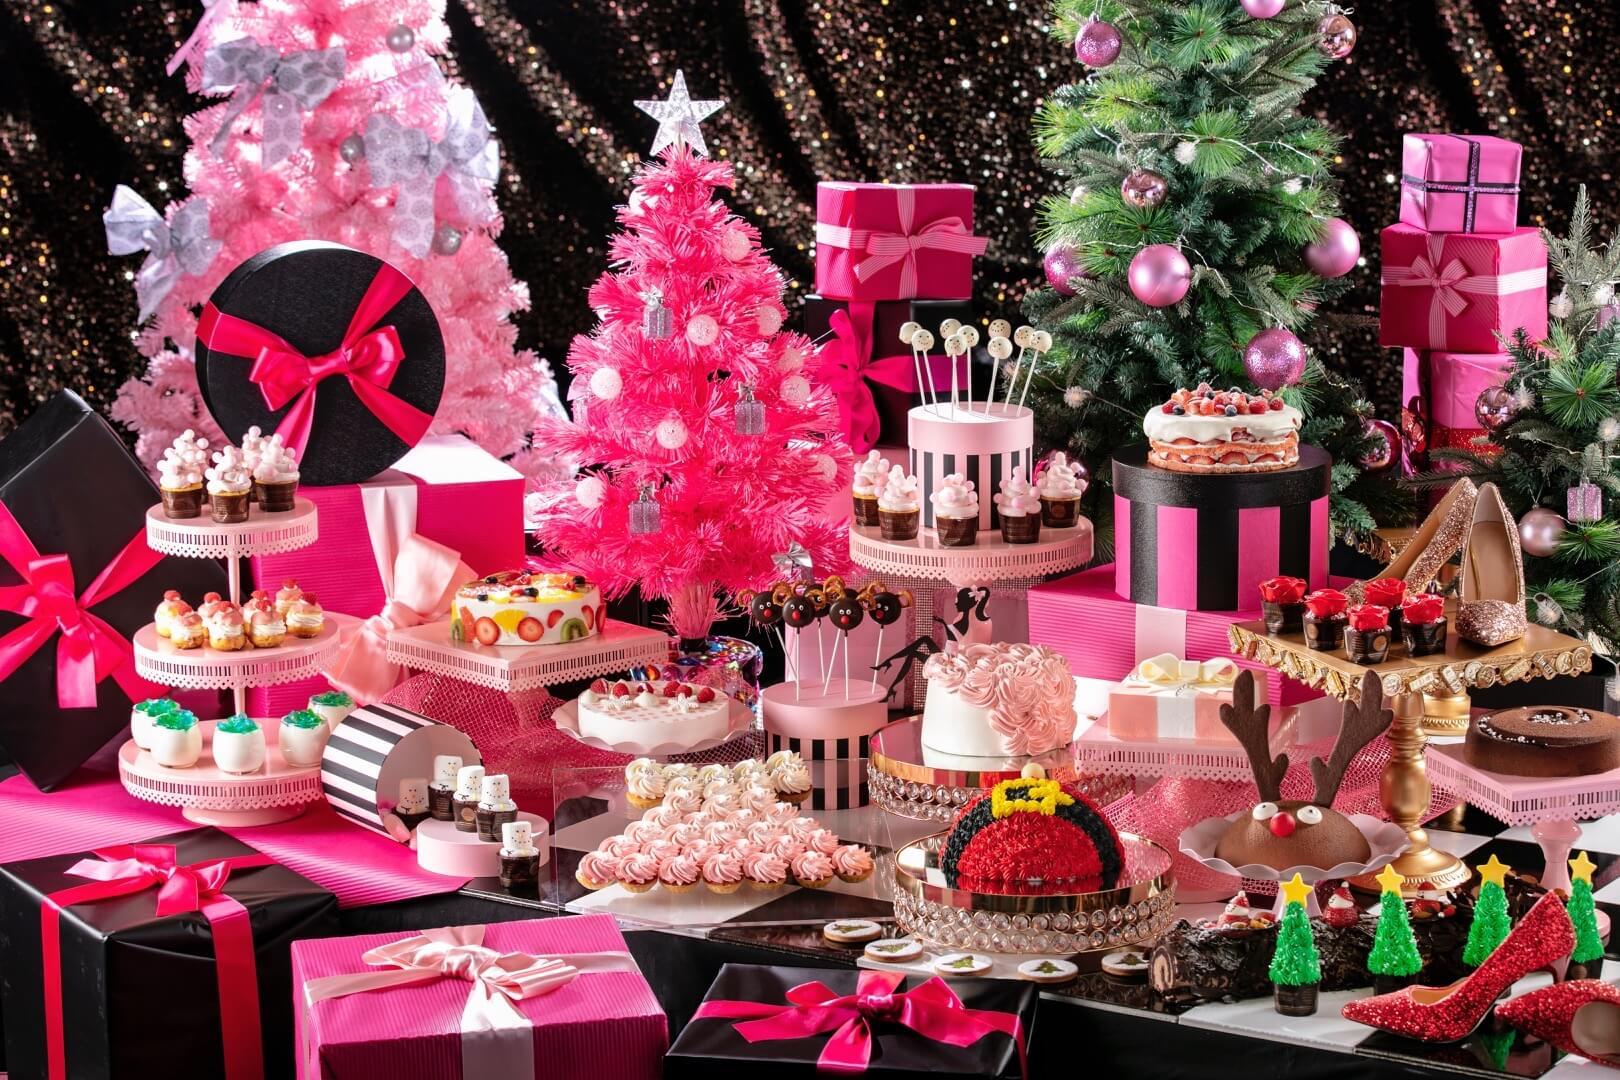 東京台場希爾頓飯店舉辦聖誕Buffet活動「GIRLS・SWEETS COFFRET」 台場、甜點、聖誕節、